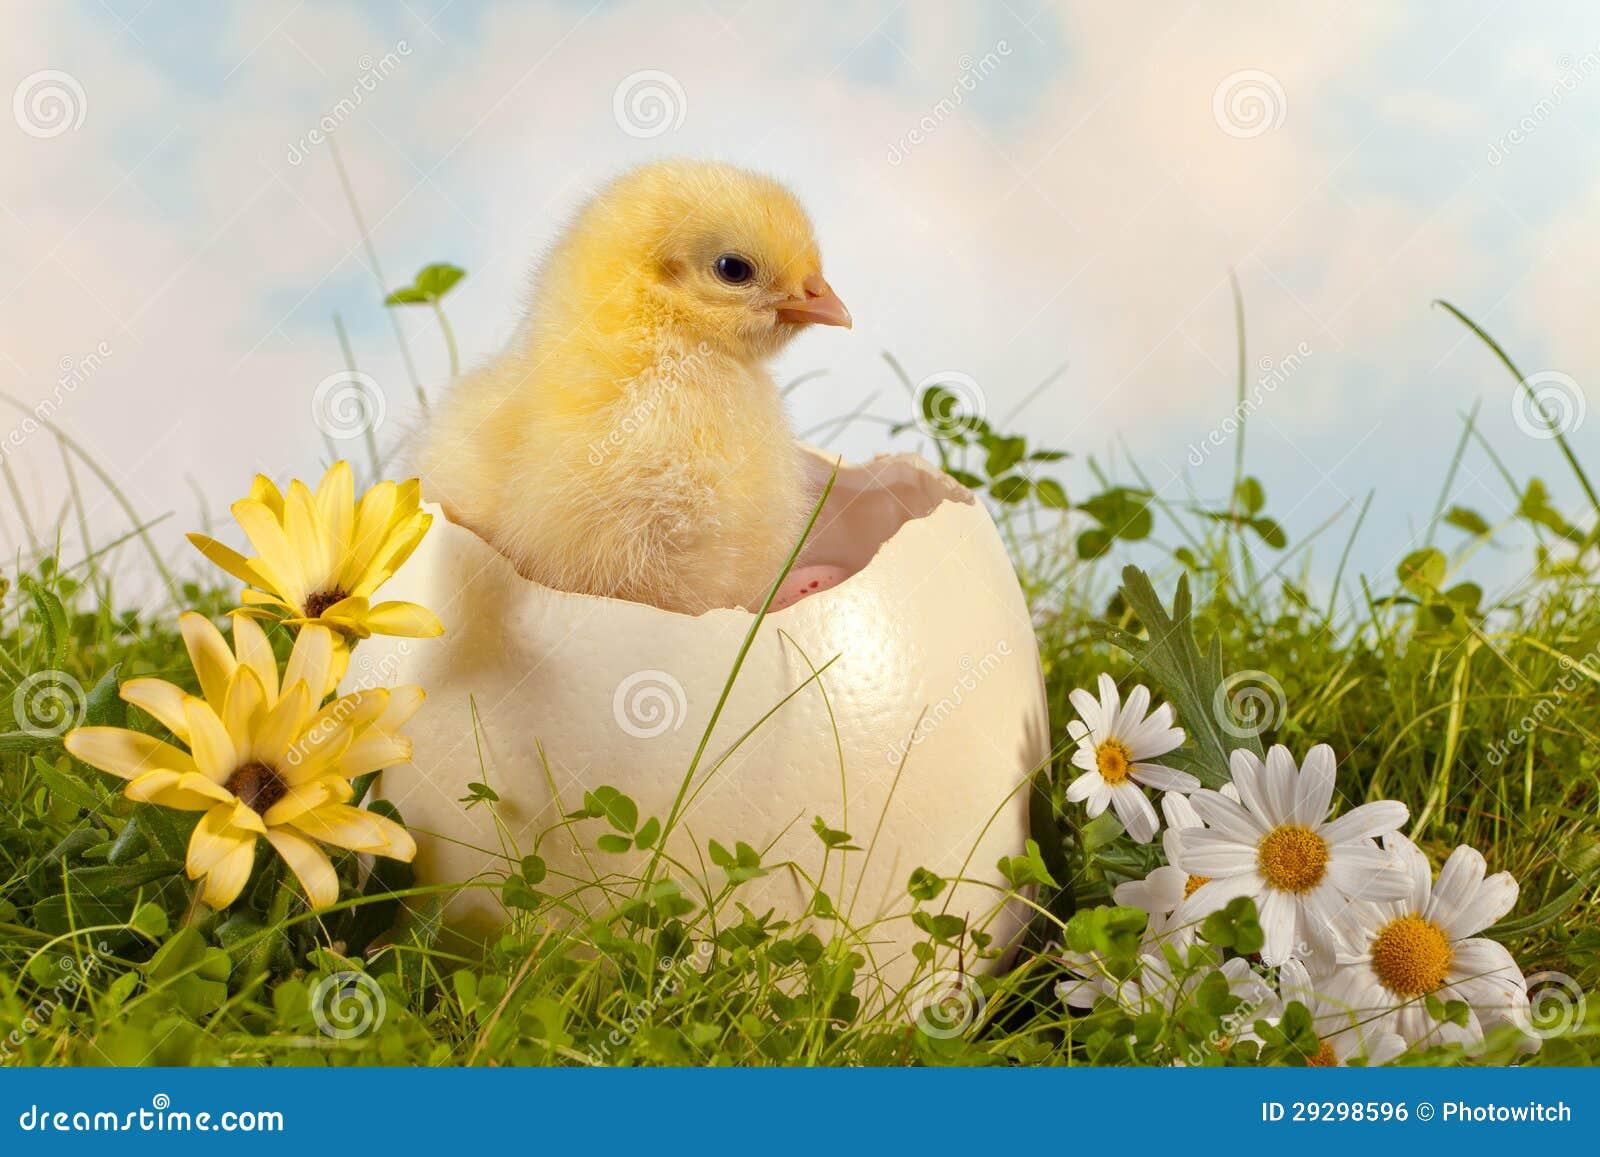 Wielkanocny kurczątko w ogródzie